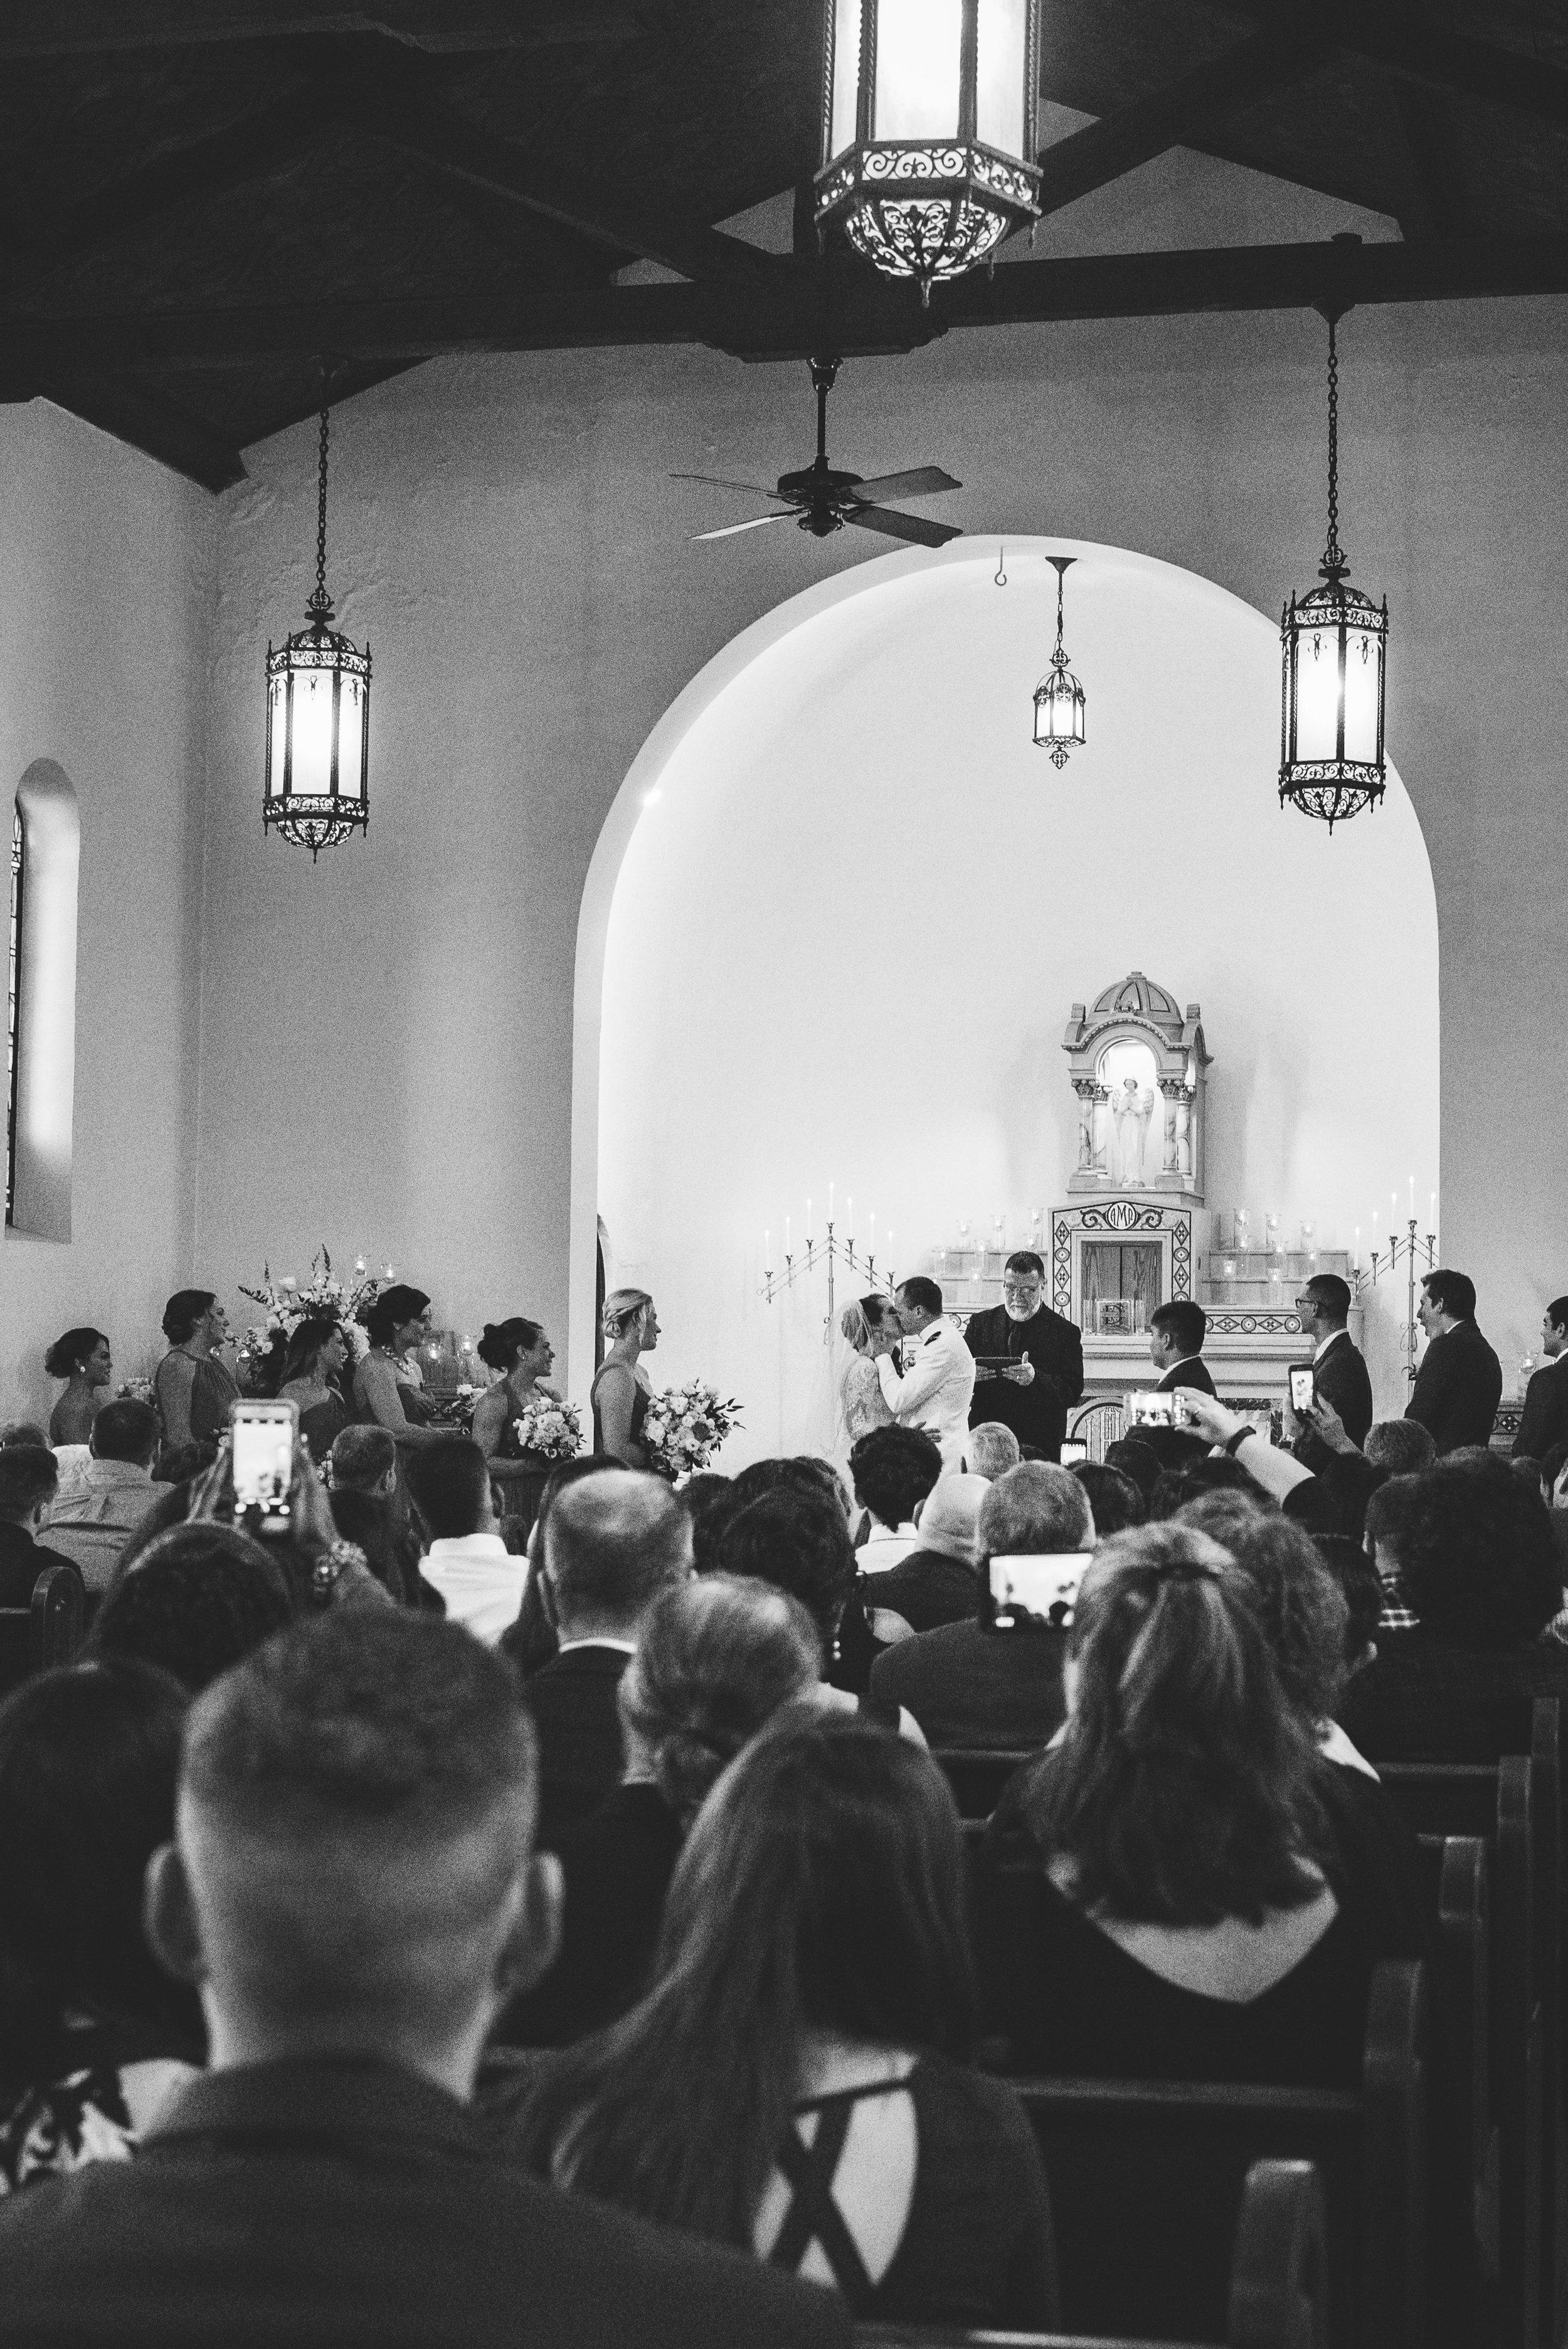 toledo ohio nazareth hall wedding photography-13.jpg